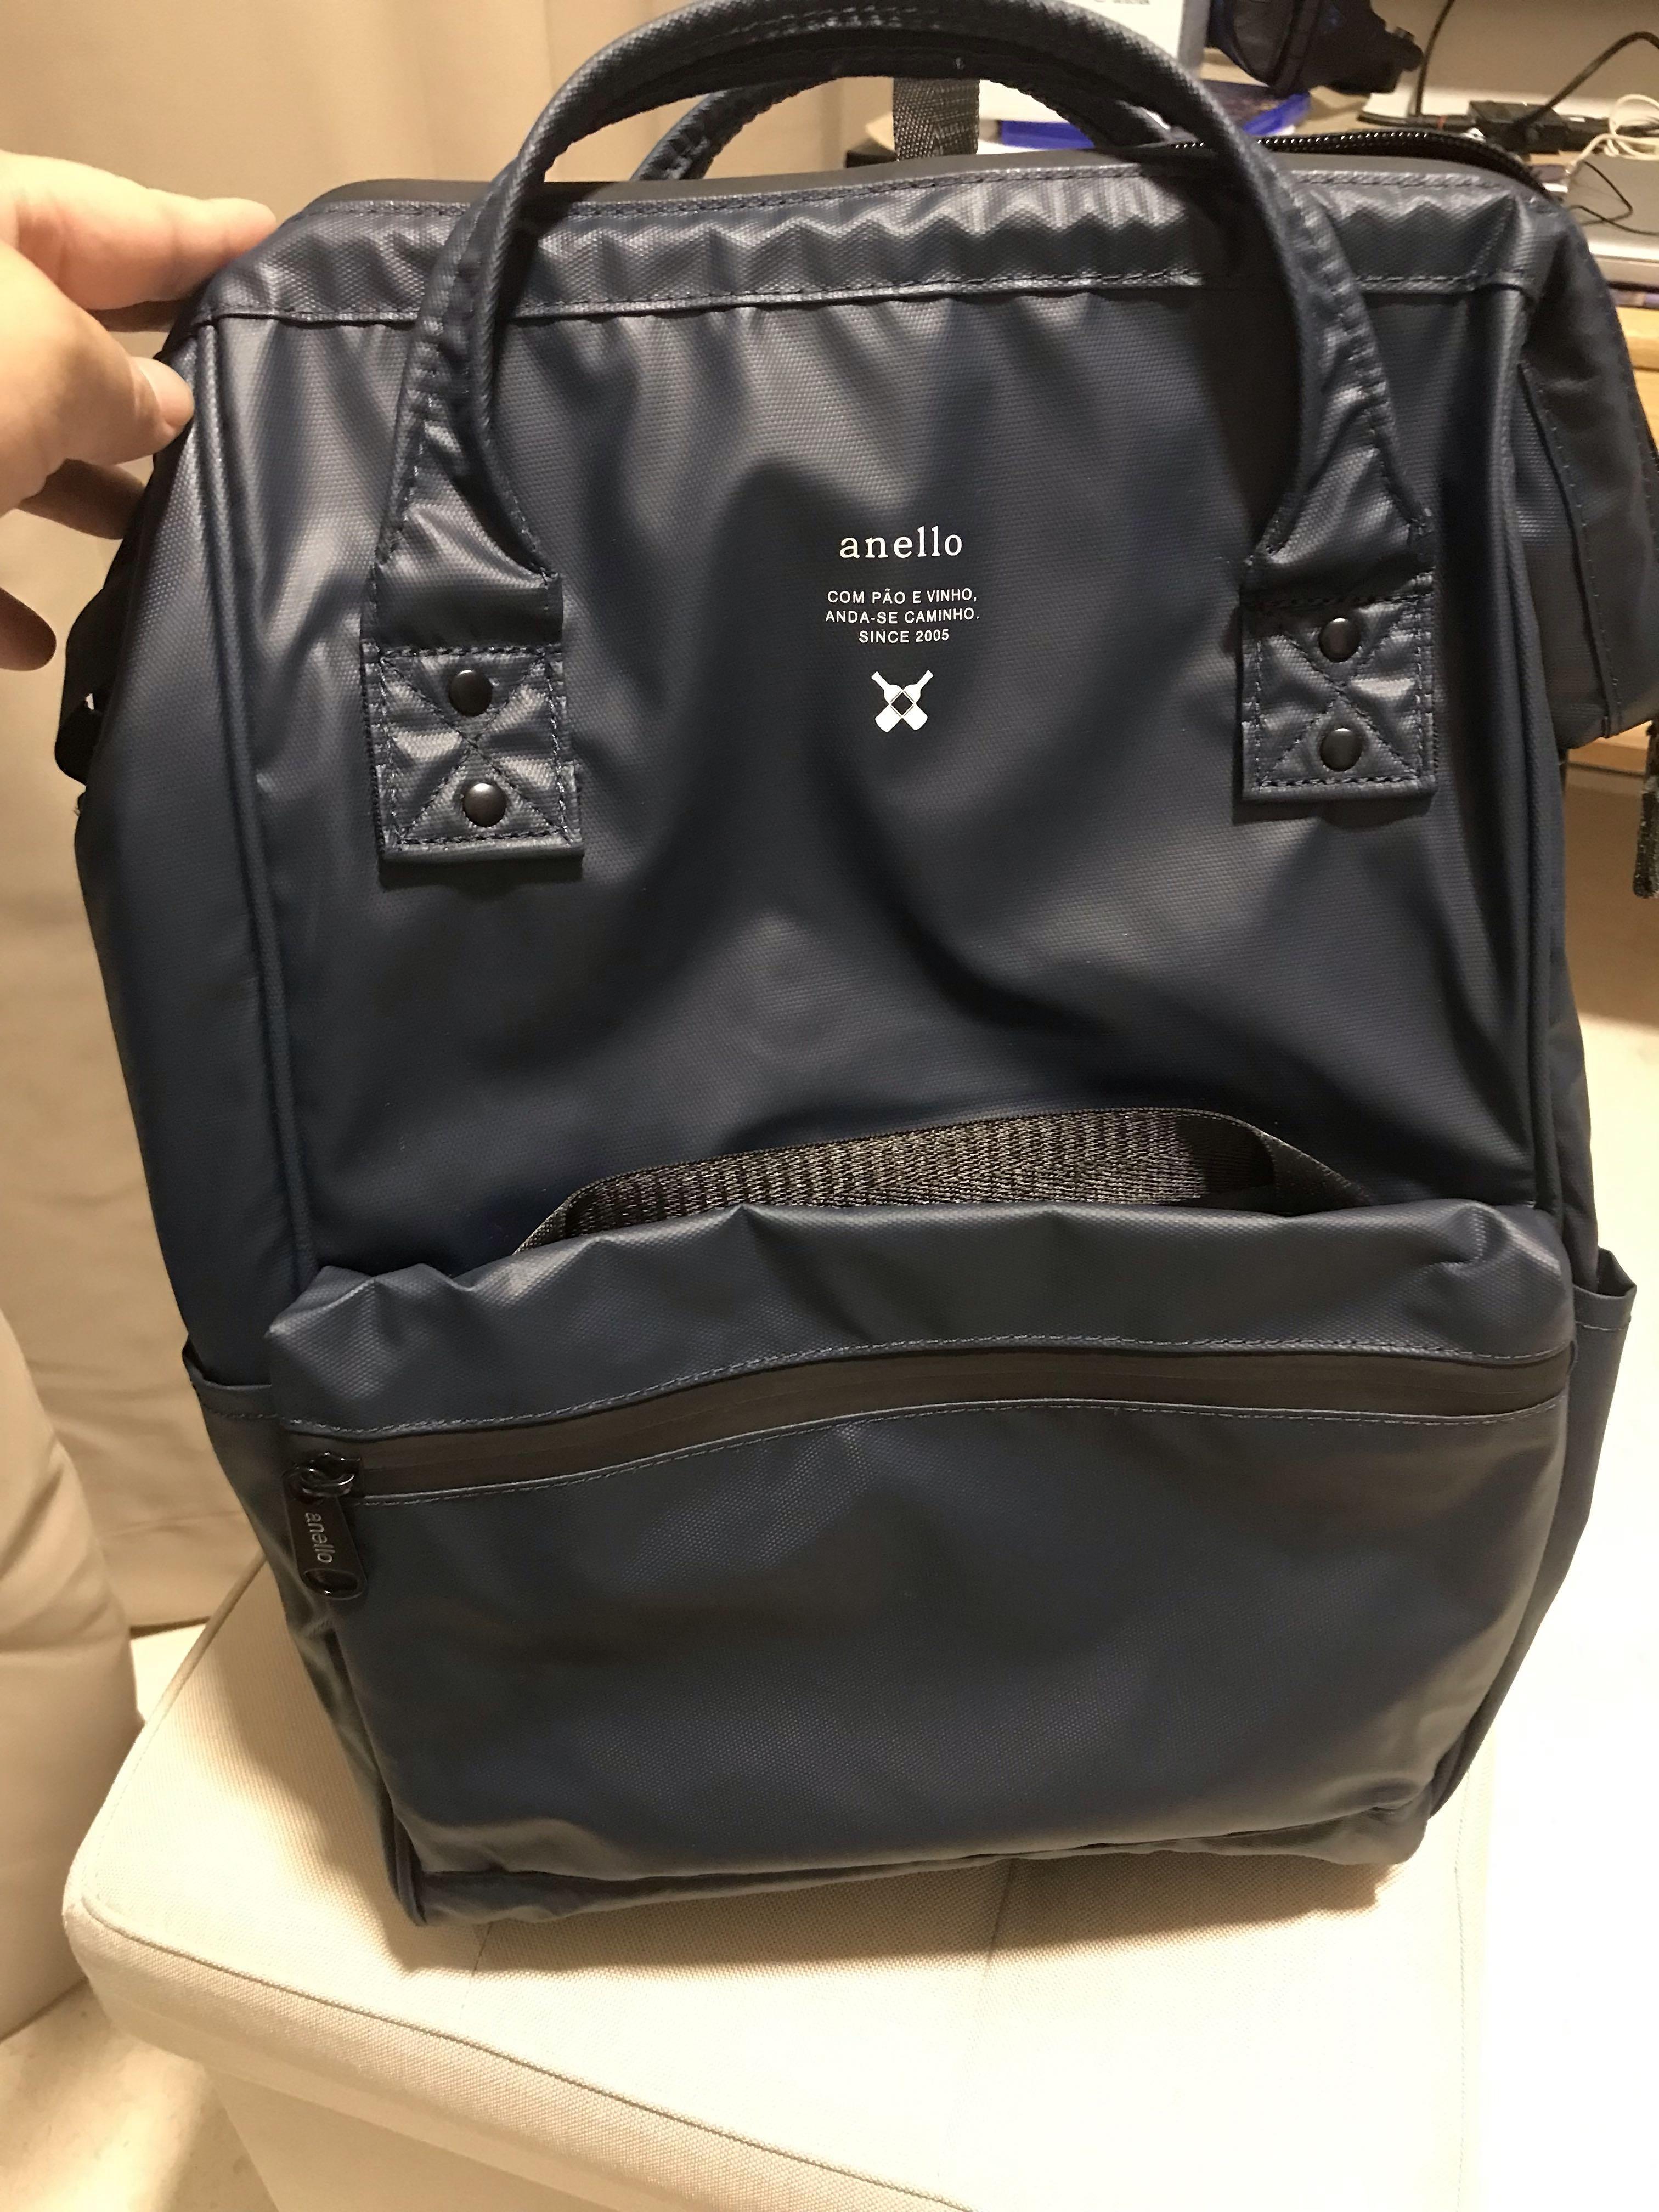 super qualità vendita economica piuttosto fico NEW ~ Original Anello backpack, Women's Fashion, Bags & Wallets ...